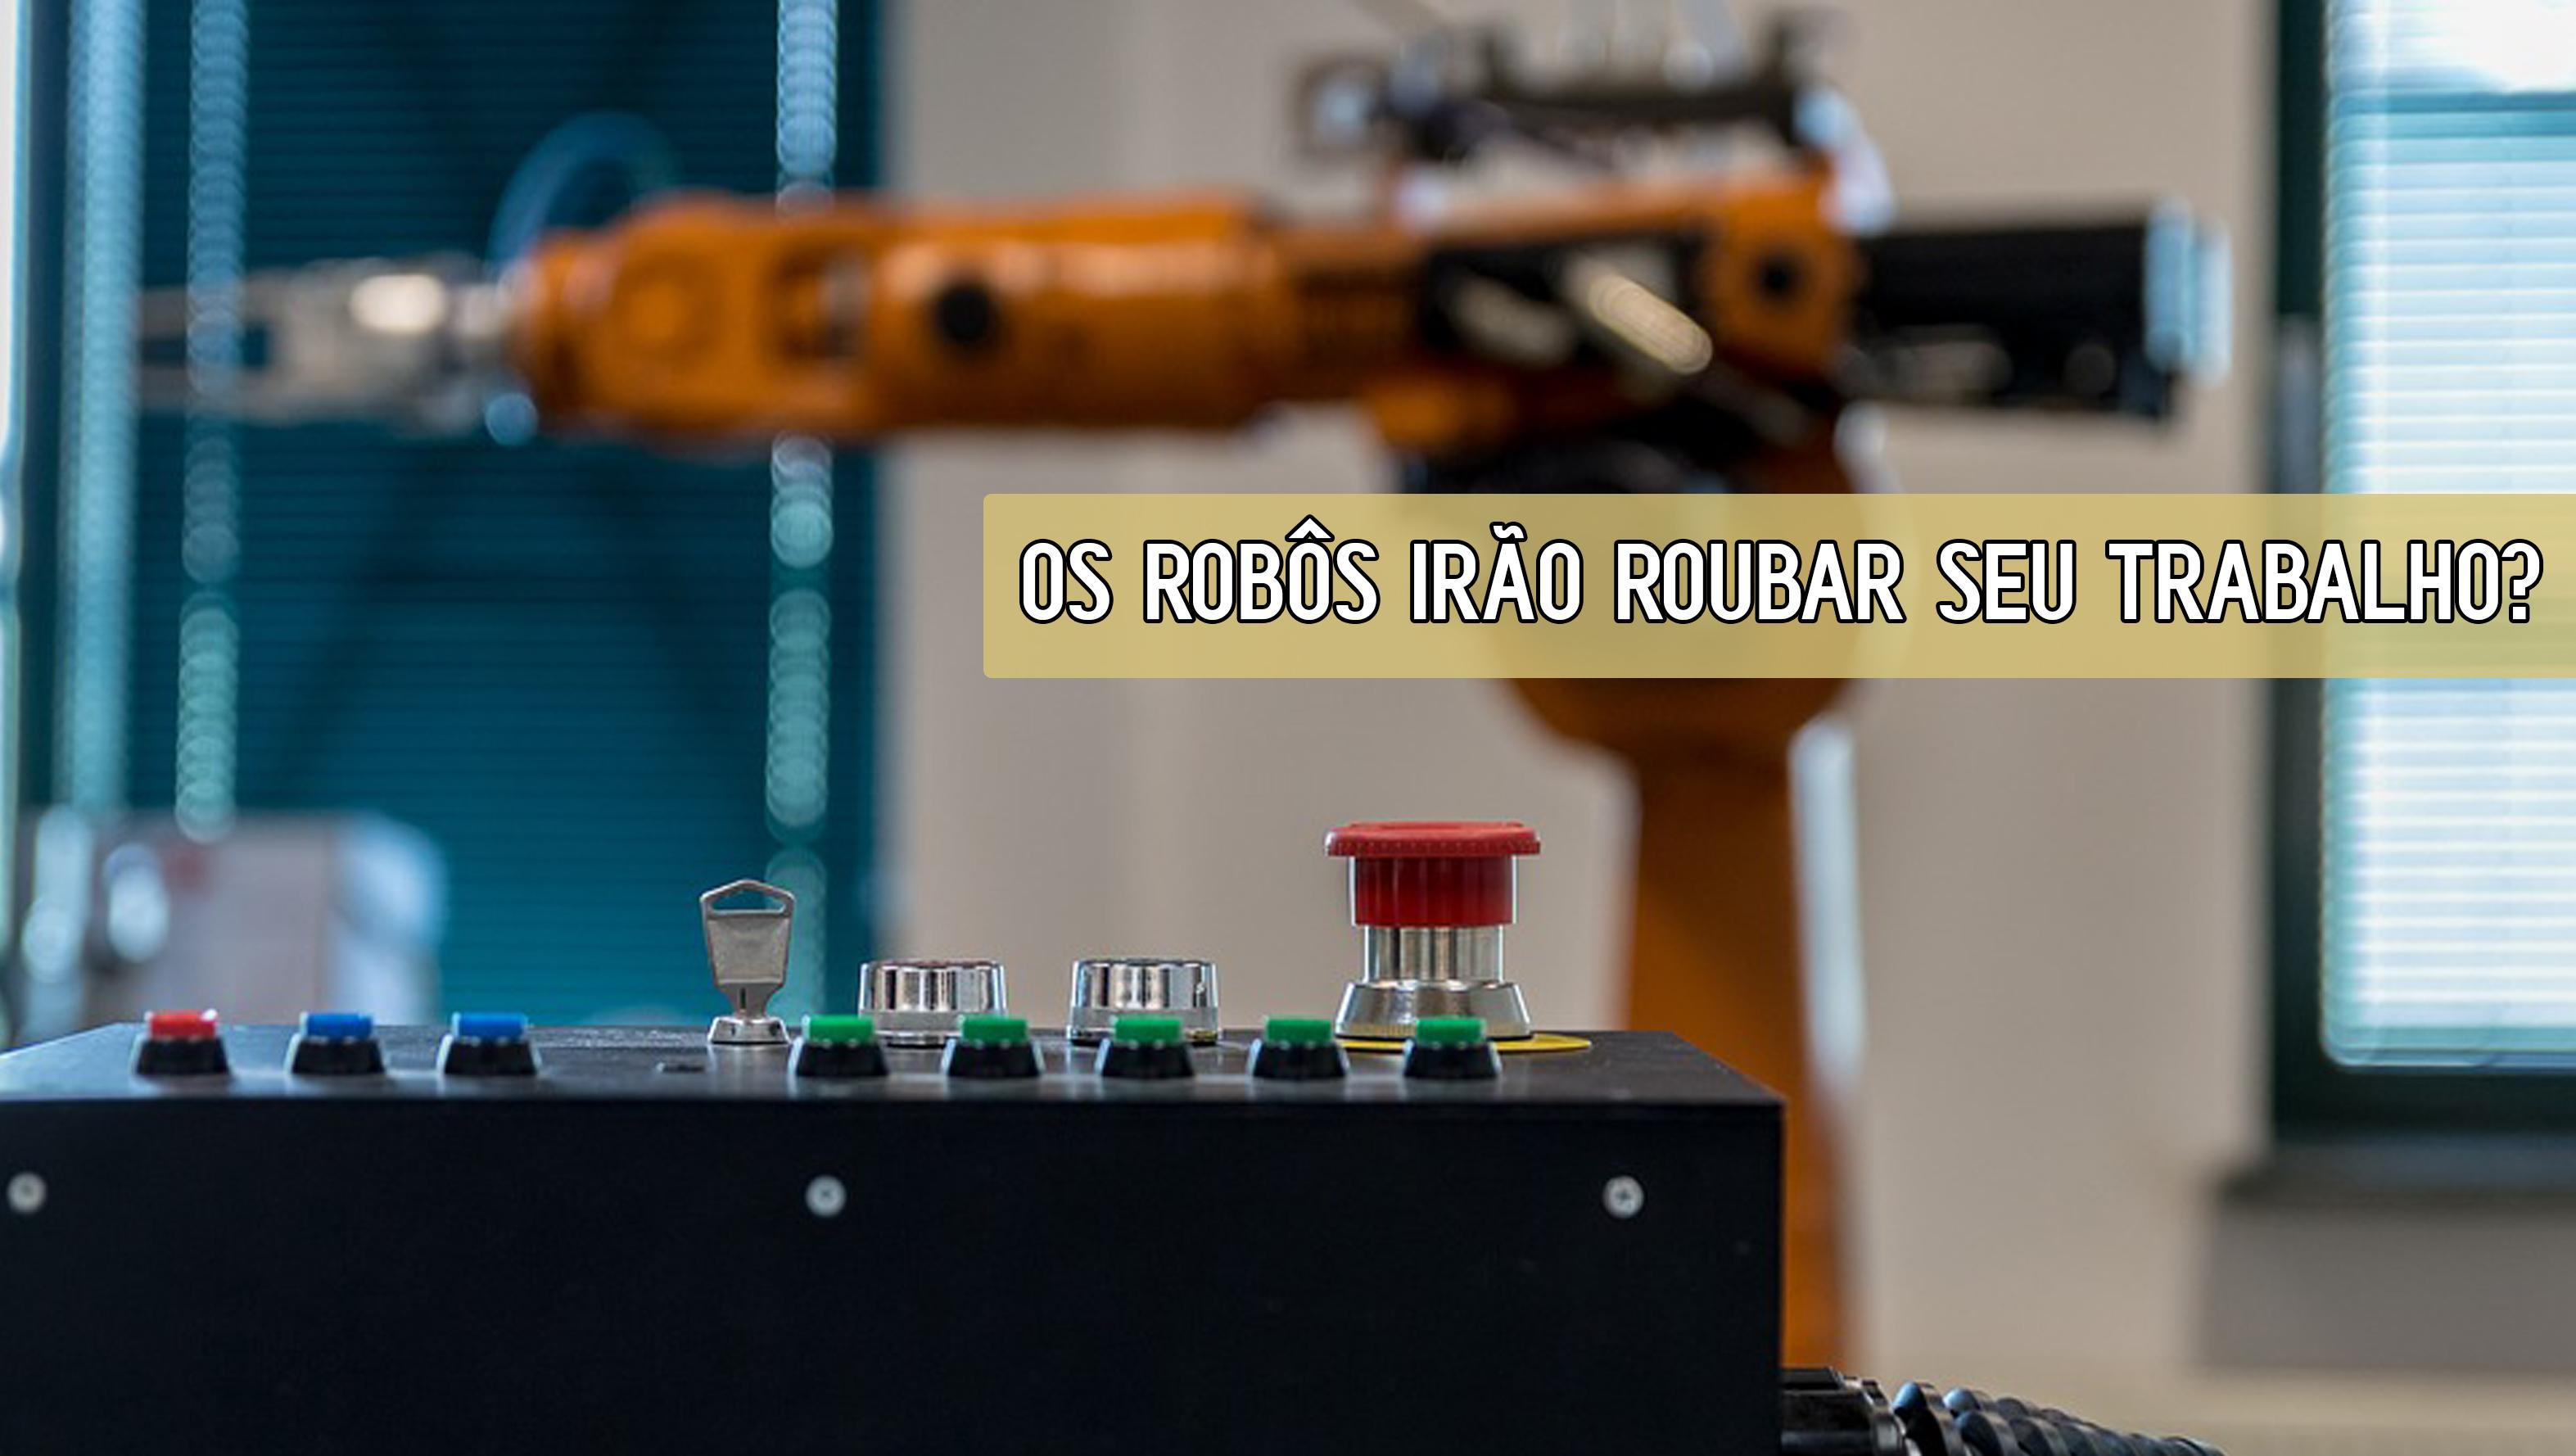 Os robôs irão roubar seu trabalho?